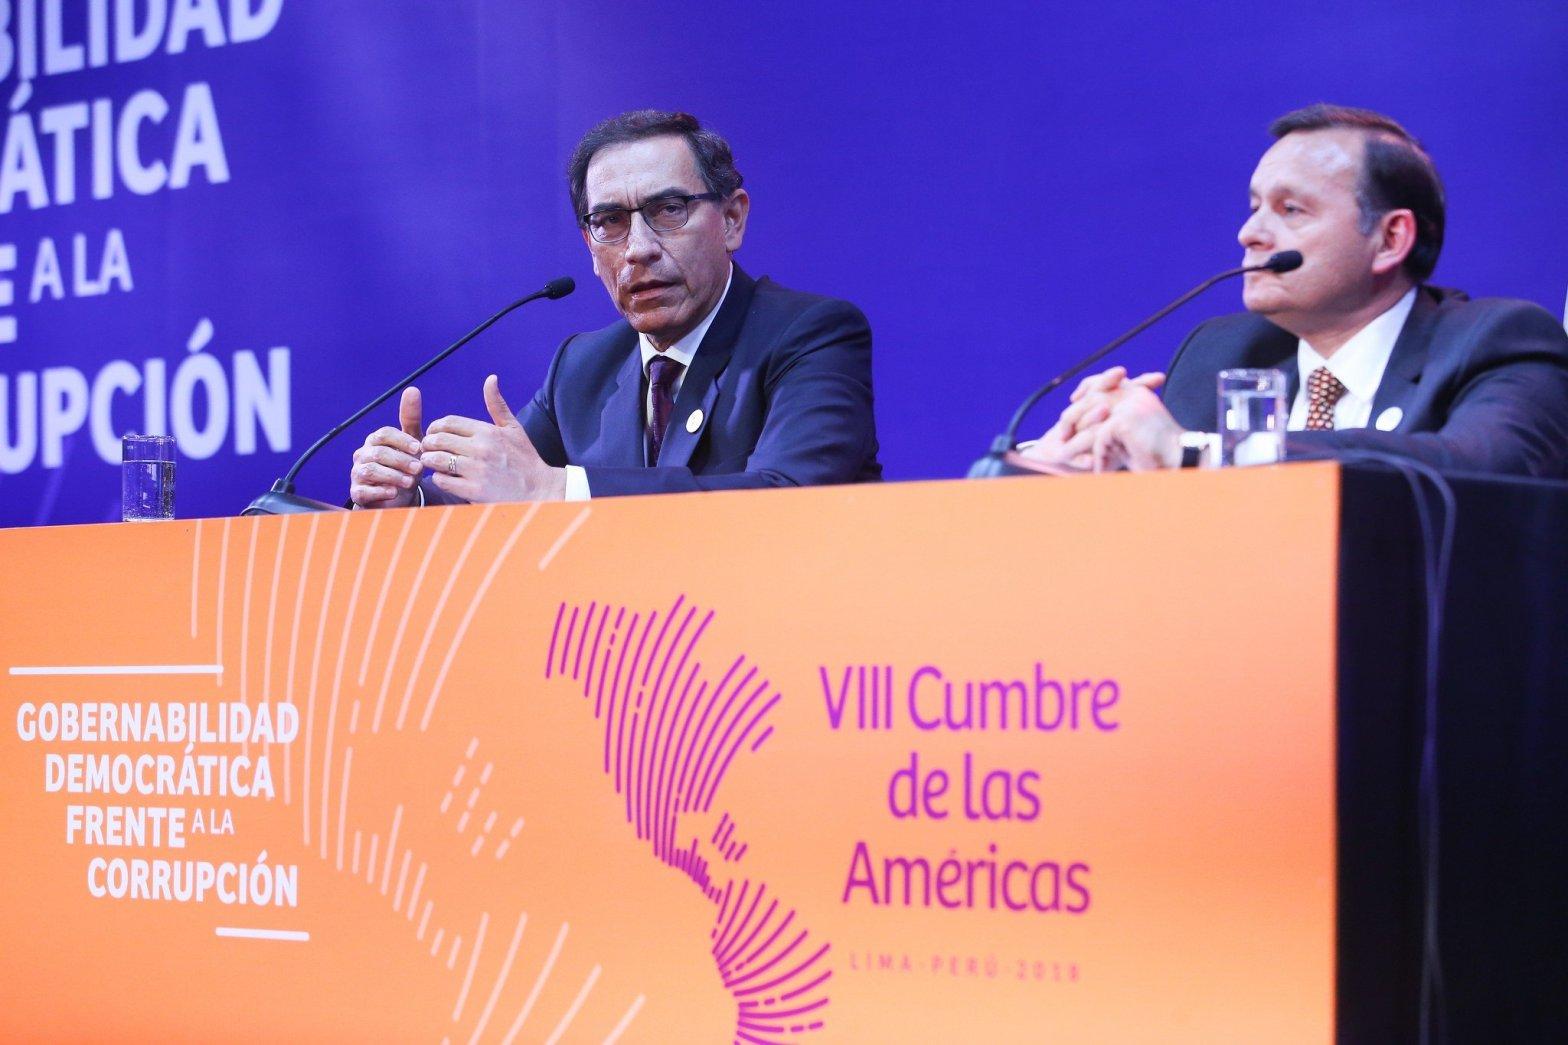 Conferencia de prensa: Presidente Vizcarra habló de la Cumbre, Siria y Venezuela